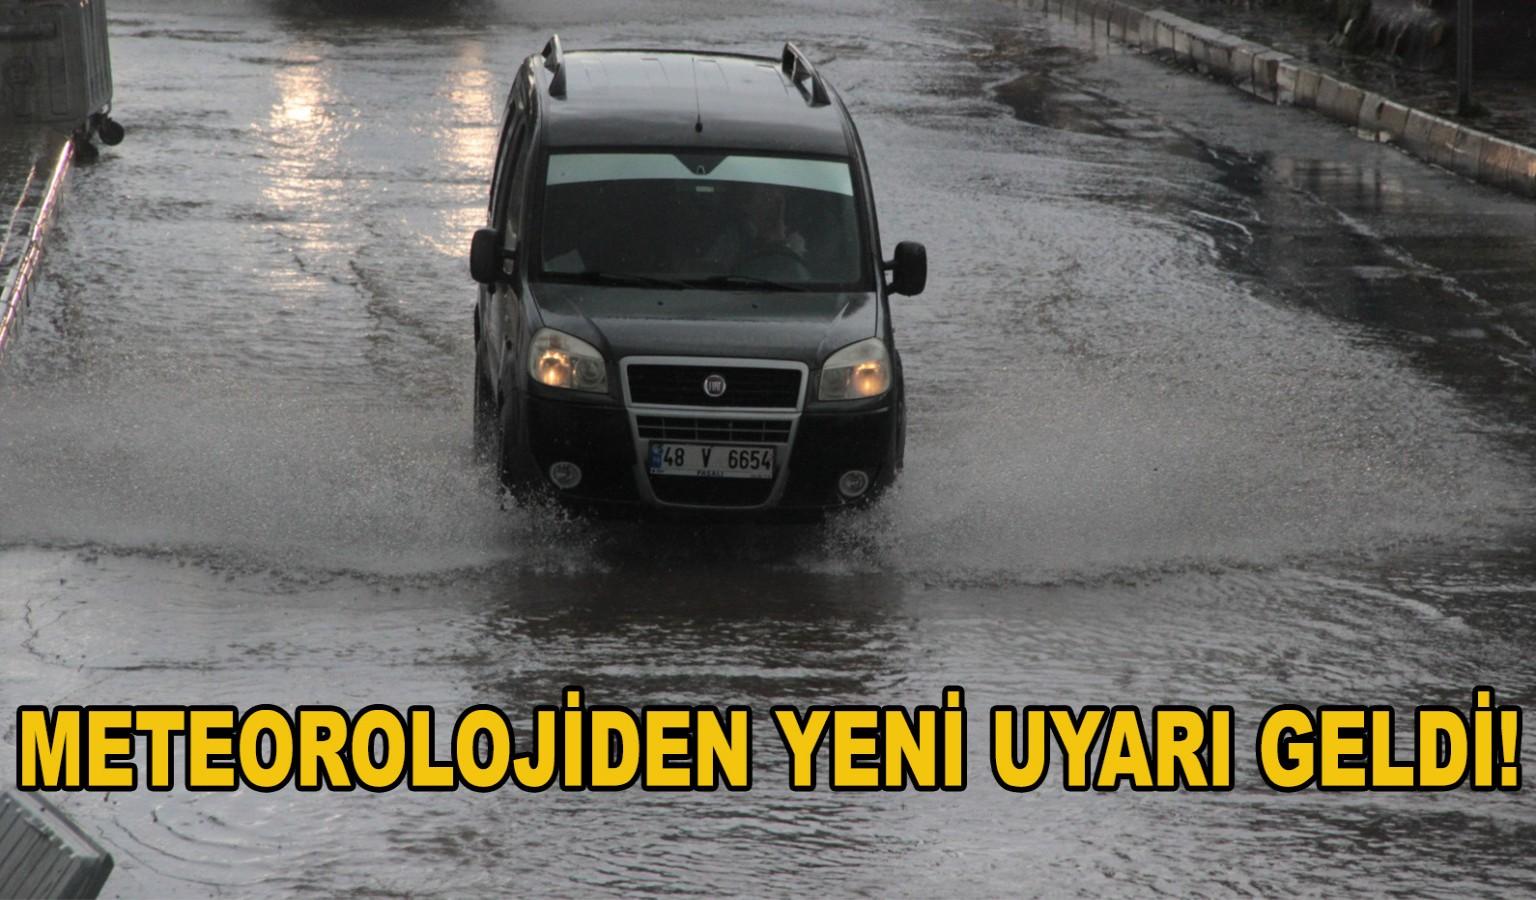 METEOROLOJİDEN YAĞIŞ UYARISI!..